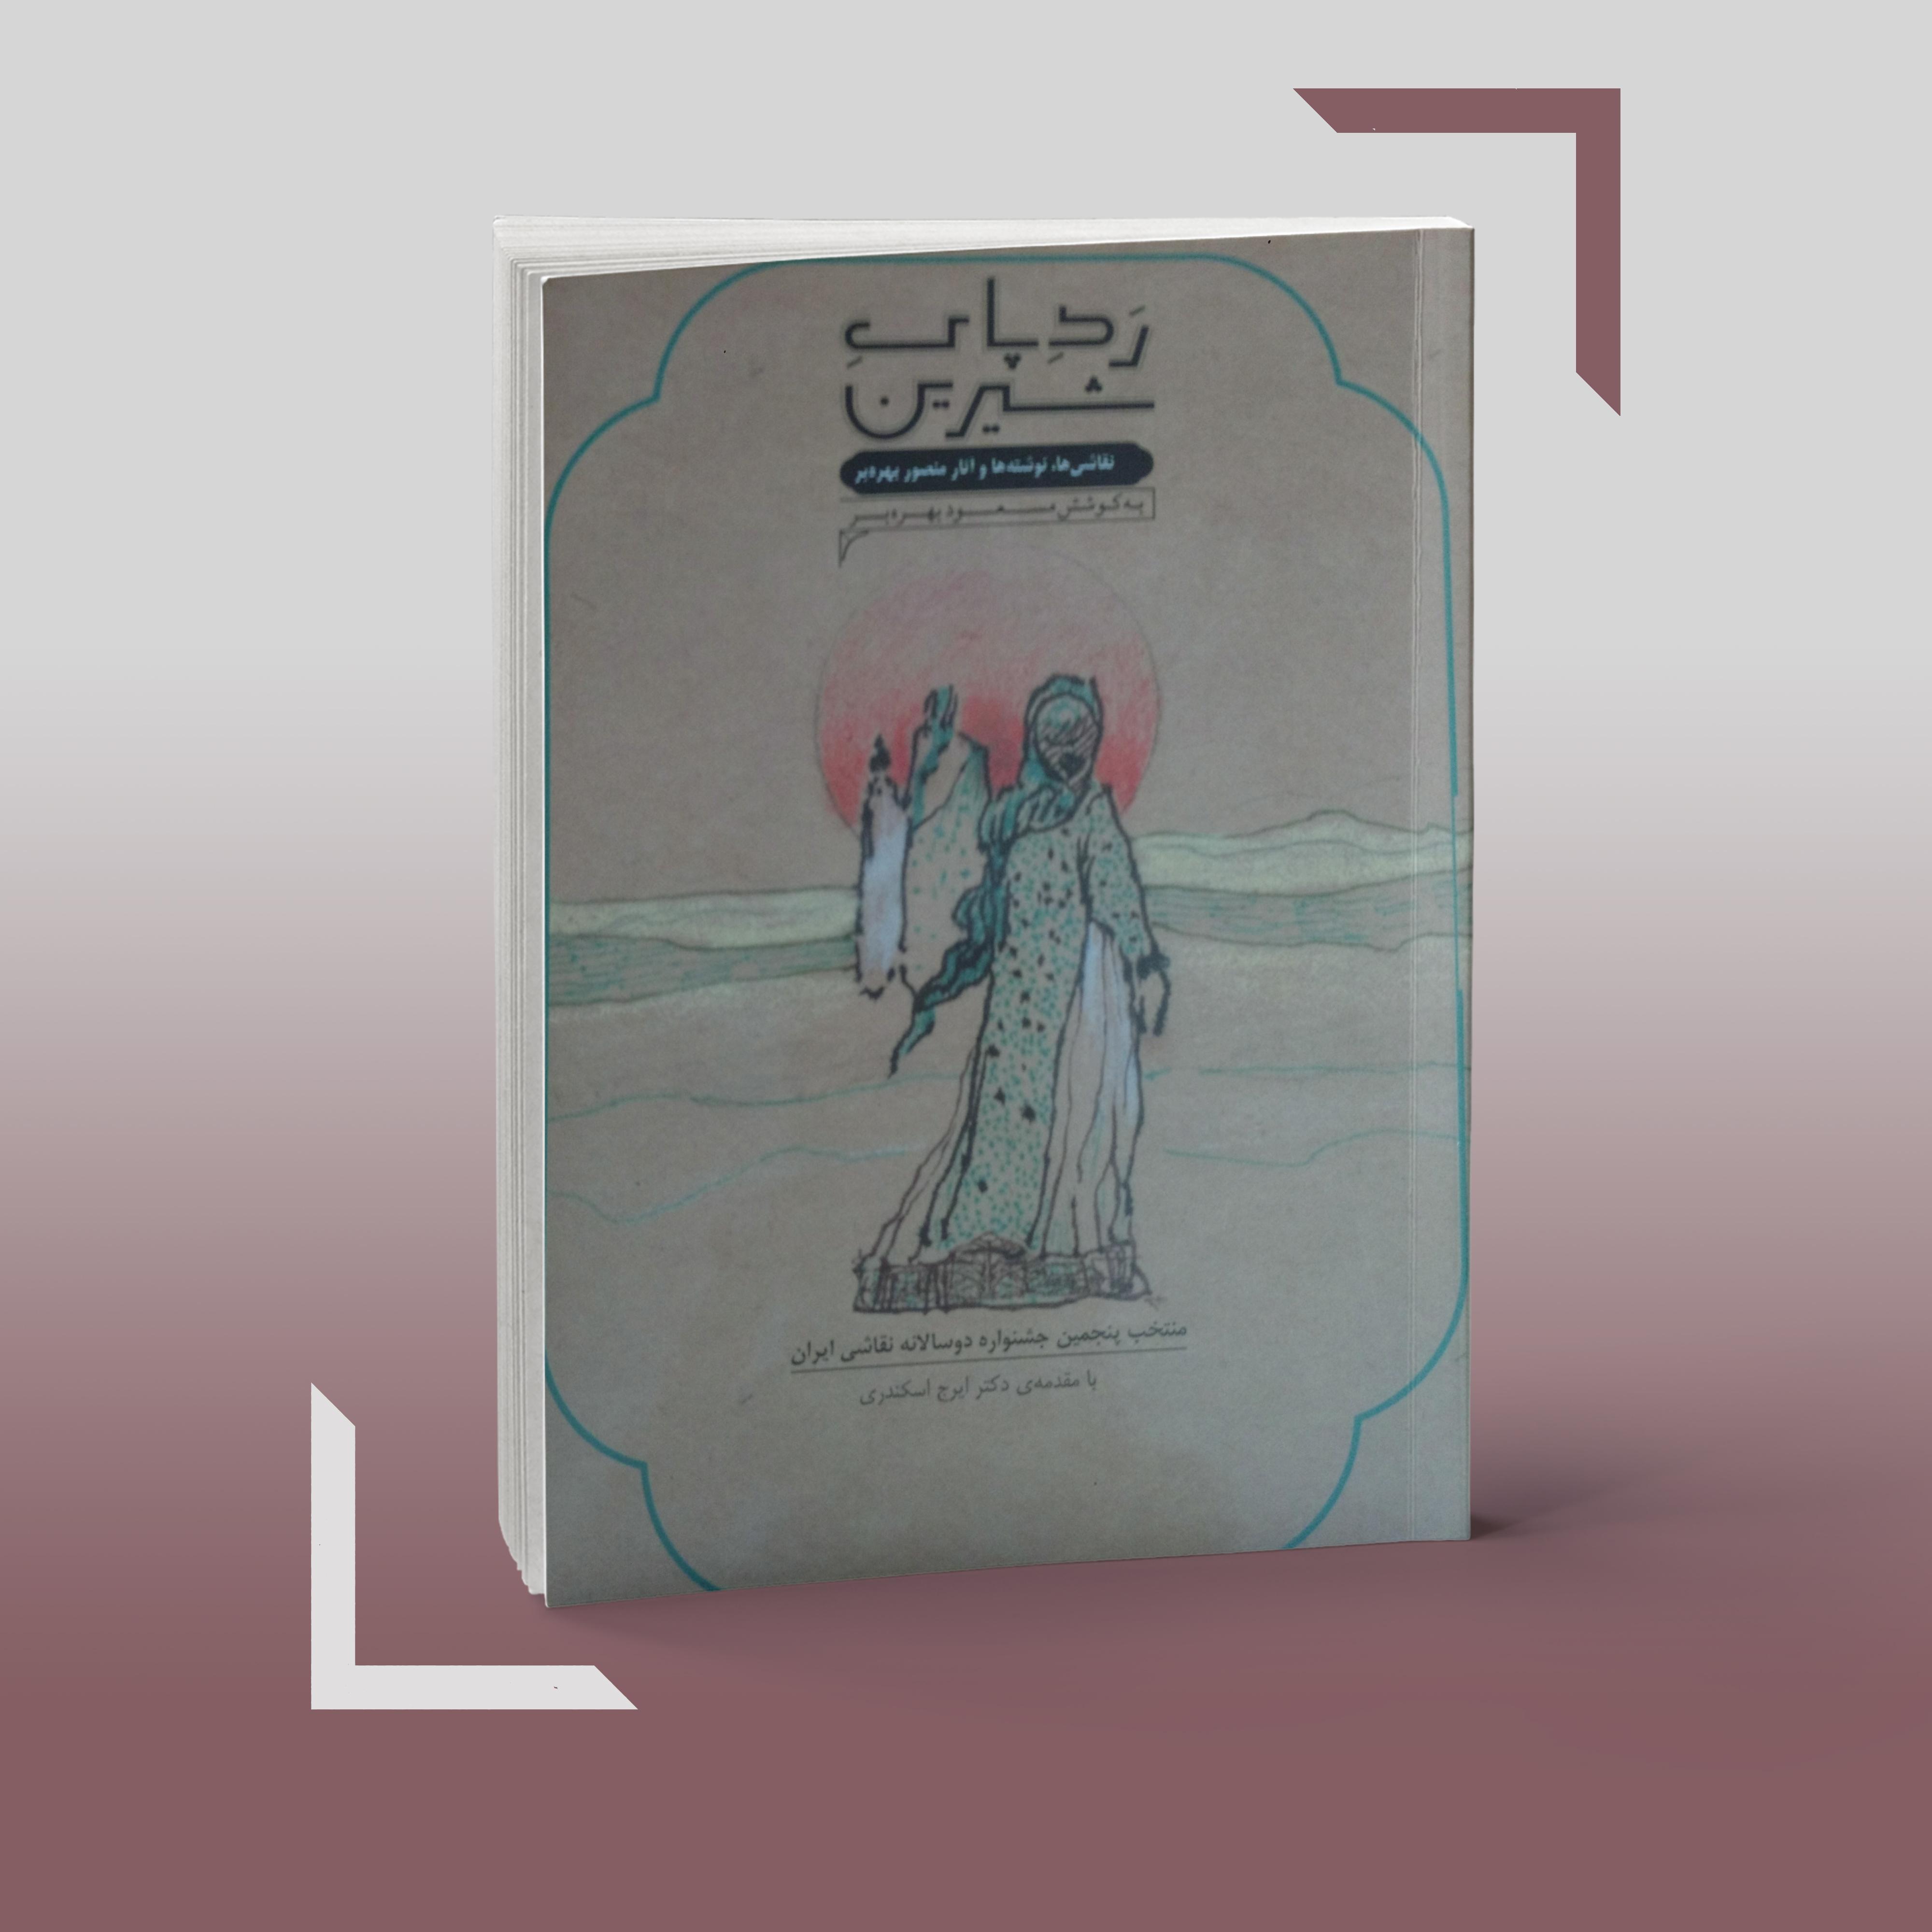 رَدِ پایِ شیرین (نقاشیها، نوشتهها و آثار منصور بهرهبر